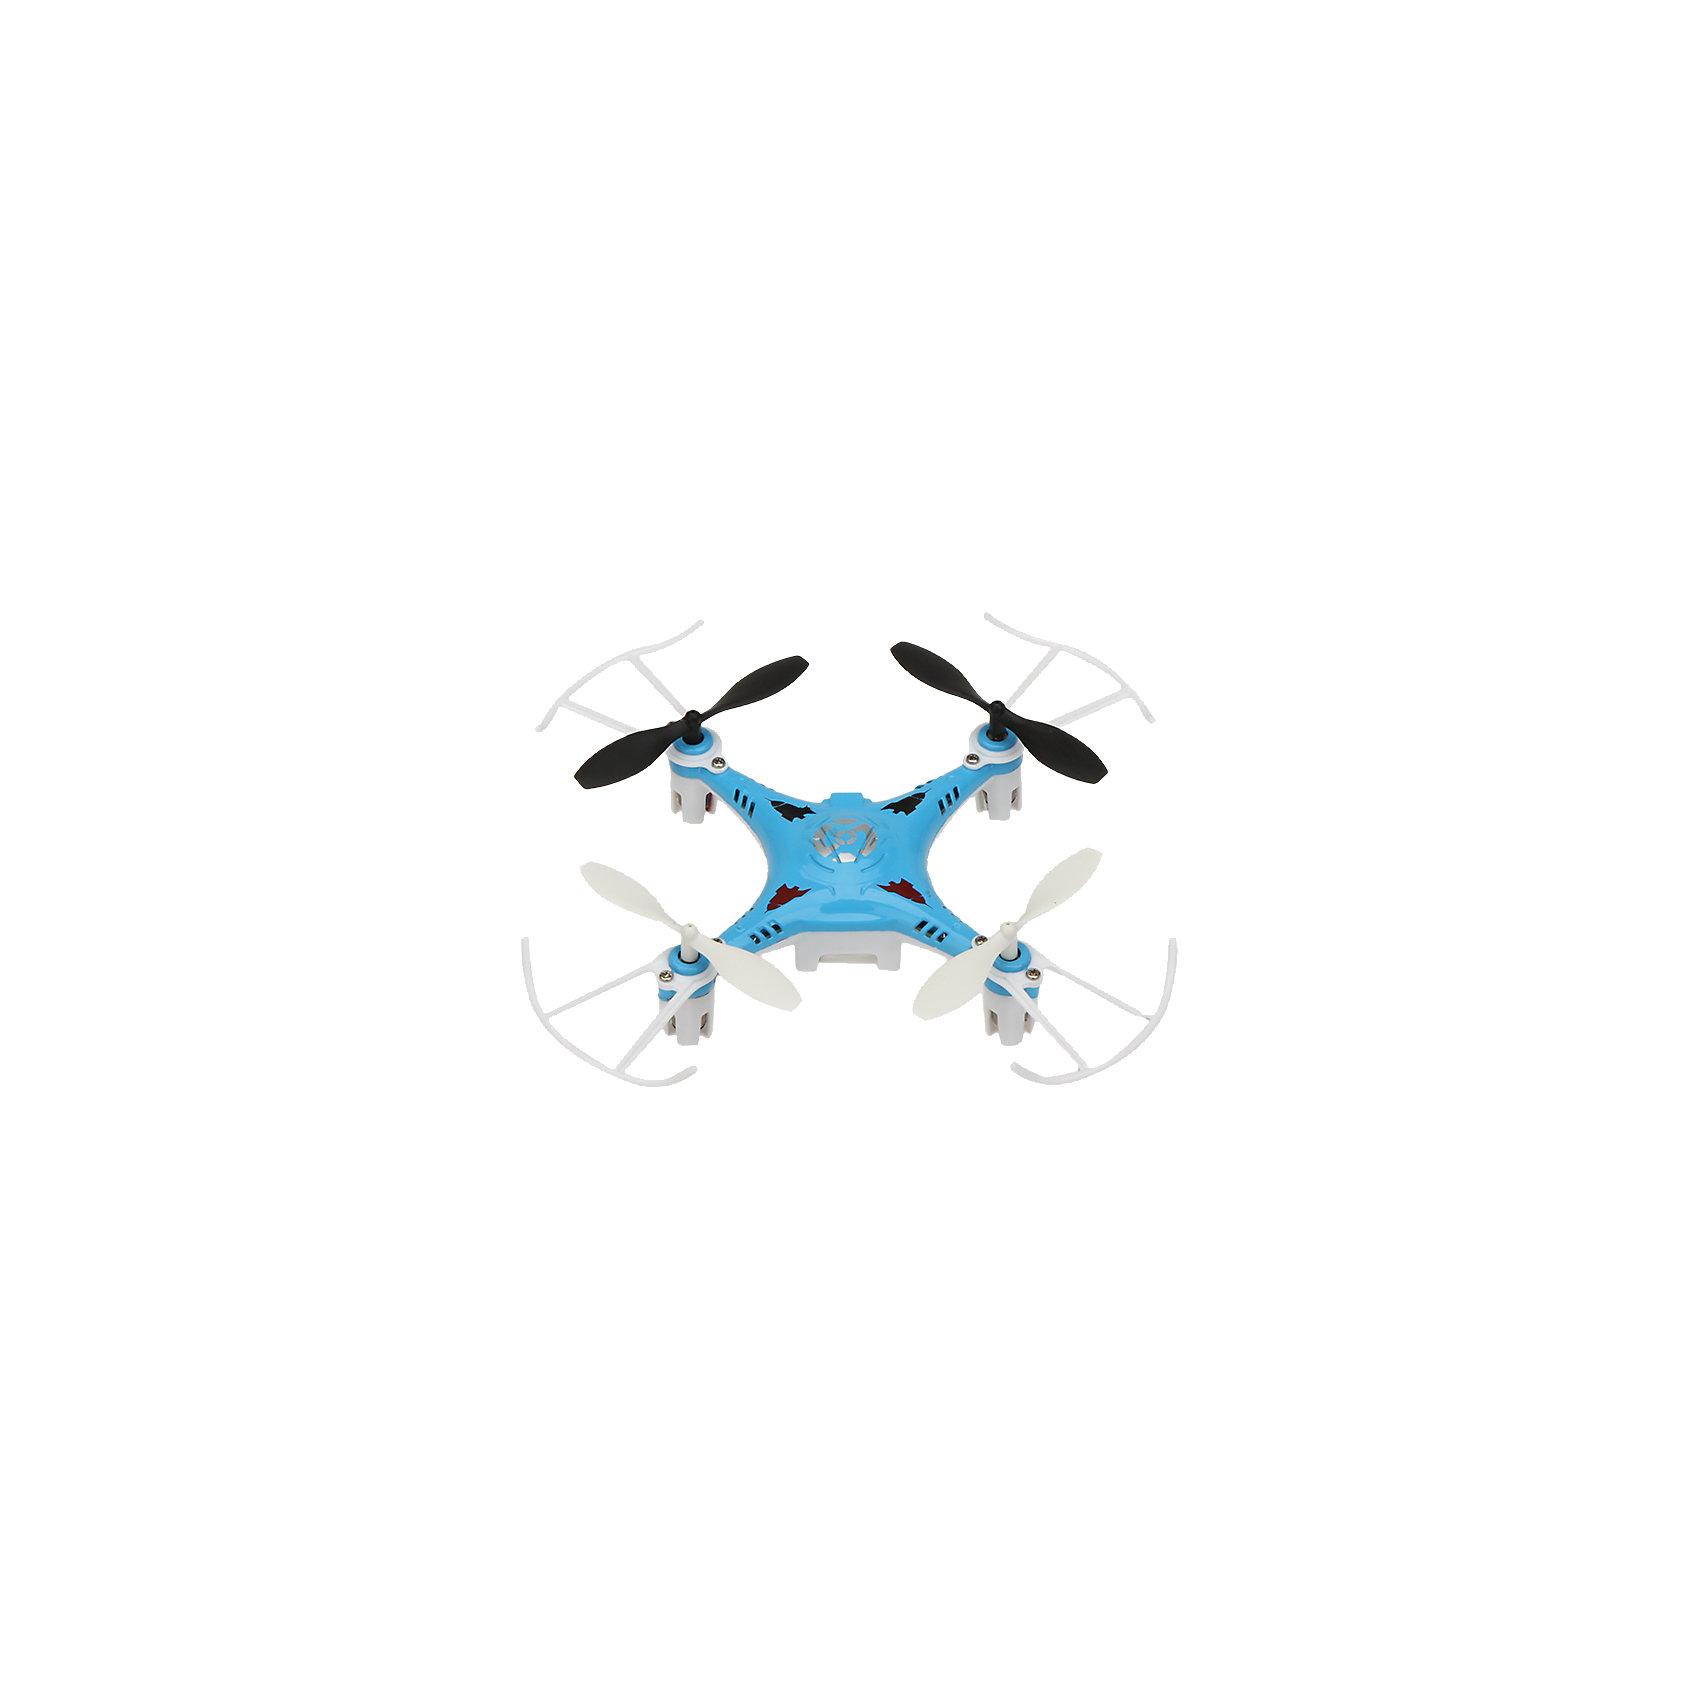 Квадрокоптер X7, синий, Blue SeaРадиоуправляемый транспорт<br>Квадрокоптер X7, синий, BlueSea<br><br>Характеристики:<br><br>• Частота от: 2.4 Гц<br>• Радиус действия пульта управления: 50 м<br>• Тип аккумулятора: Li-poly<br>• Емкость аккумулятора: 350 мАч<br>• Время полета: 5-8 минут<br>• В набор входит: квадрокоптер Х7, пульт управления, USB-шнур, запасные детали, инструкция<br>• Цвет: синий<br><br>Этот квадрокоптер подходит для использования начинающими пилотами, благодаря своей невысокой цене и отличным полетным характеристикам. Он имеет инфракрасное четырехканальное управление и компактные размеры. В дополнение данная модель оснащена дополнительной защитой, которая сохраняет его устойчивость при ударах и падениях, поэтому его удобно использовать не только на улице, но и в помещении. <br><br>Благодаря оснащению 6-осевым гироскопом он способен переворачиваться в воздухе на 360 градусов. Это простая в использовании, но очень эффективная модель, которая позволит приобщиться к миру квадрокоптеров даже самому неопытному пилоту. Производить зарядку этого устройства можно через удобный USB-шнур. В комплекте есть все необходимое для того, чтобы быстро освоить предложенный функционал и начать его использовать.<br><br>Квадрокоптер X7, синий, BlueSea можно купить в нашем интернет-магазине.<br><br>Ширина мм: 170<br>Глубина мм: 187<br>Высота мм: 95<br>Вес г: 306<br>Возраст от месяцев: 96<br>Возраст до месяцев: 2147483647<br>Пол: Унисекс<br>Возраст: Детский<br>SKU: 5430827